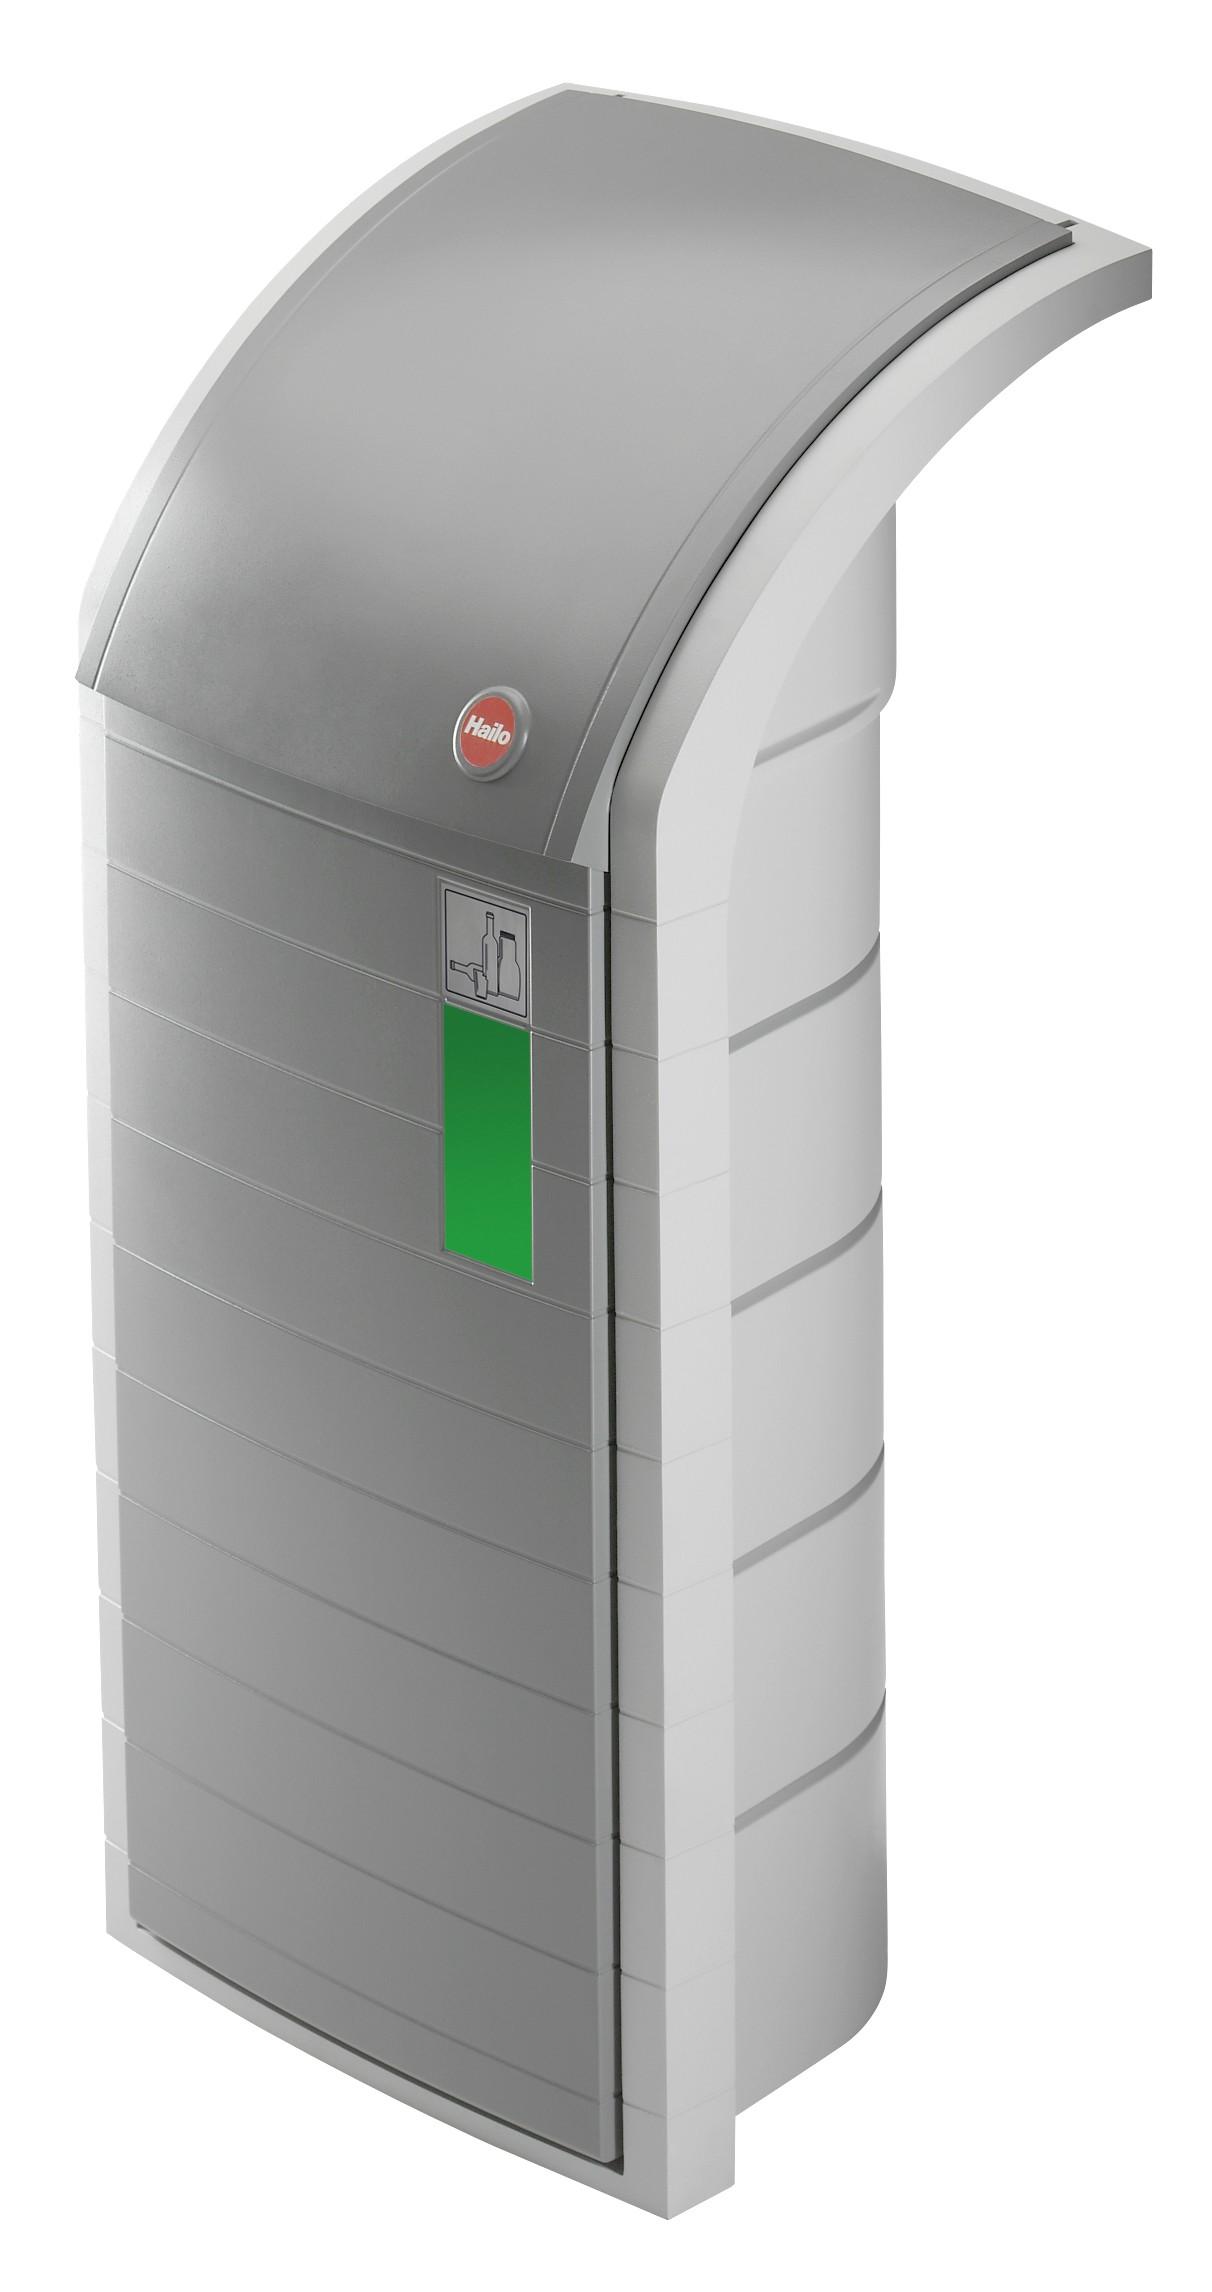 Hailo ProfiLine WSB-K, aus Kunststoff, grau , Wertstoffbehälter